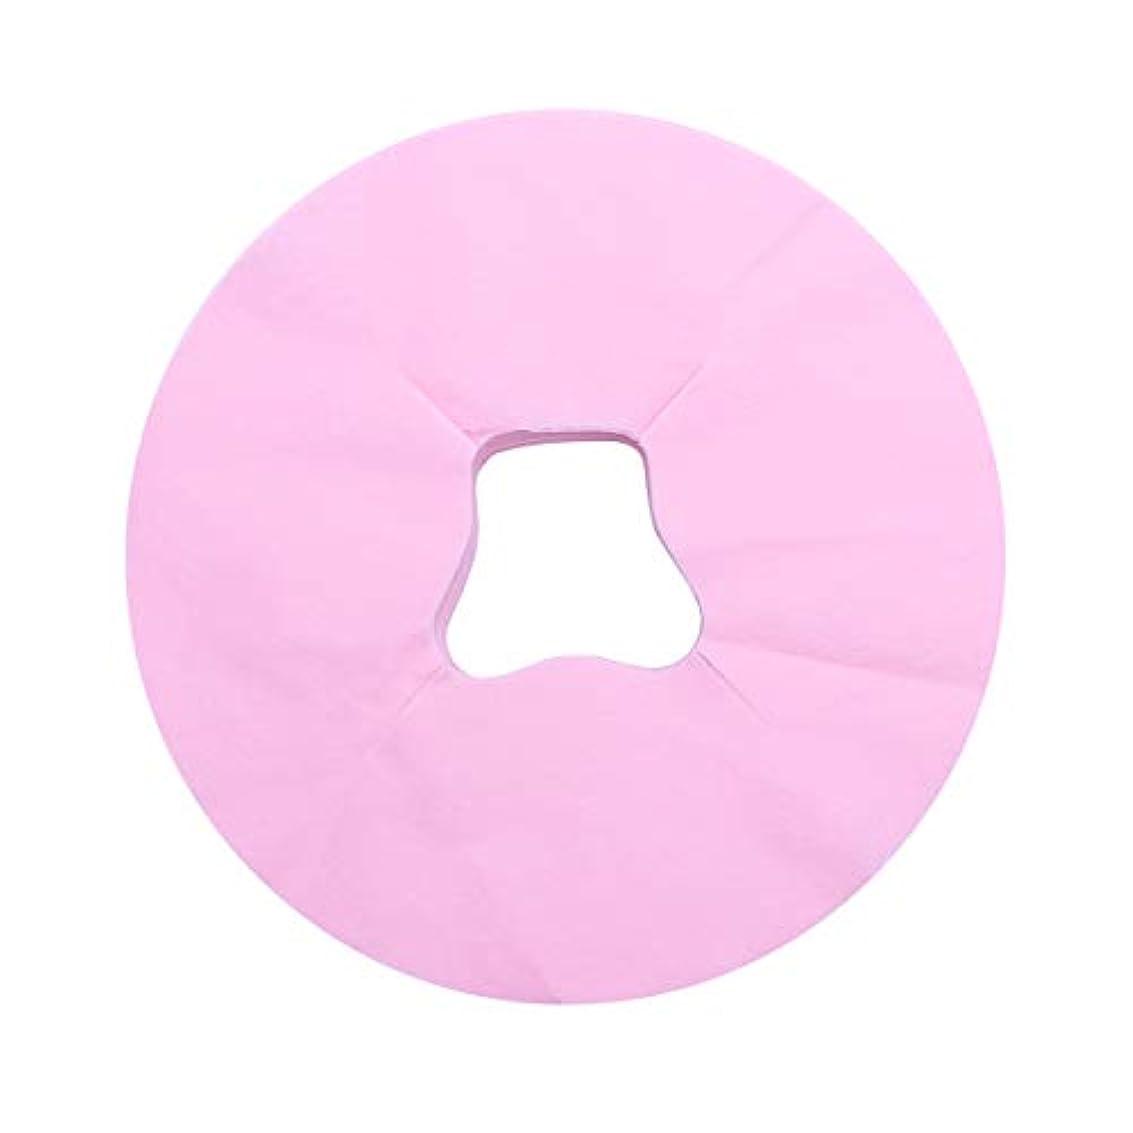 あそこ円形バストSUPVOX 100ピース使い捨てフェイスカバーパッドマッサージフェイスピローカバーフェイシャルベッドサロンスパヘッドレストピローシート(ピンク)